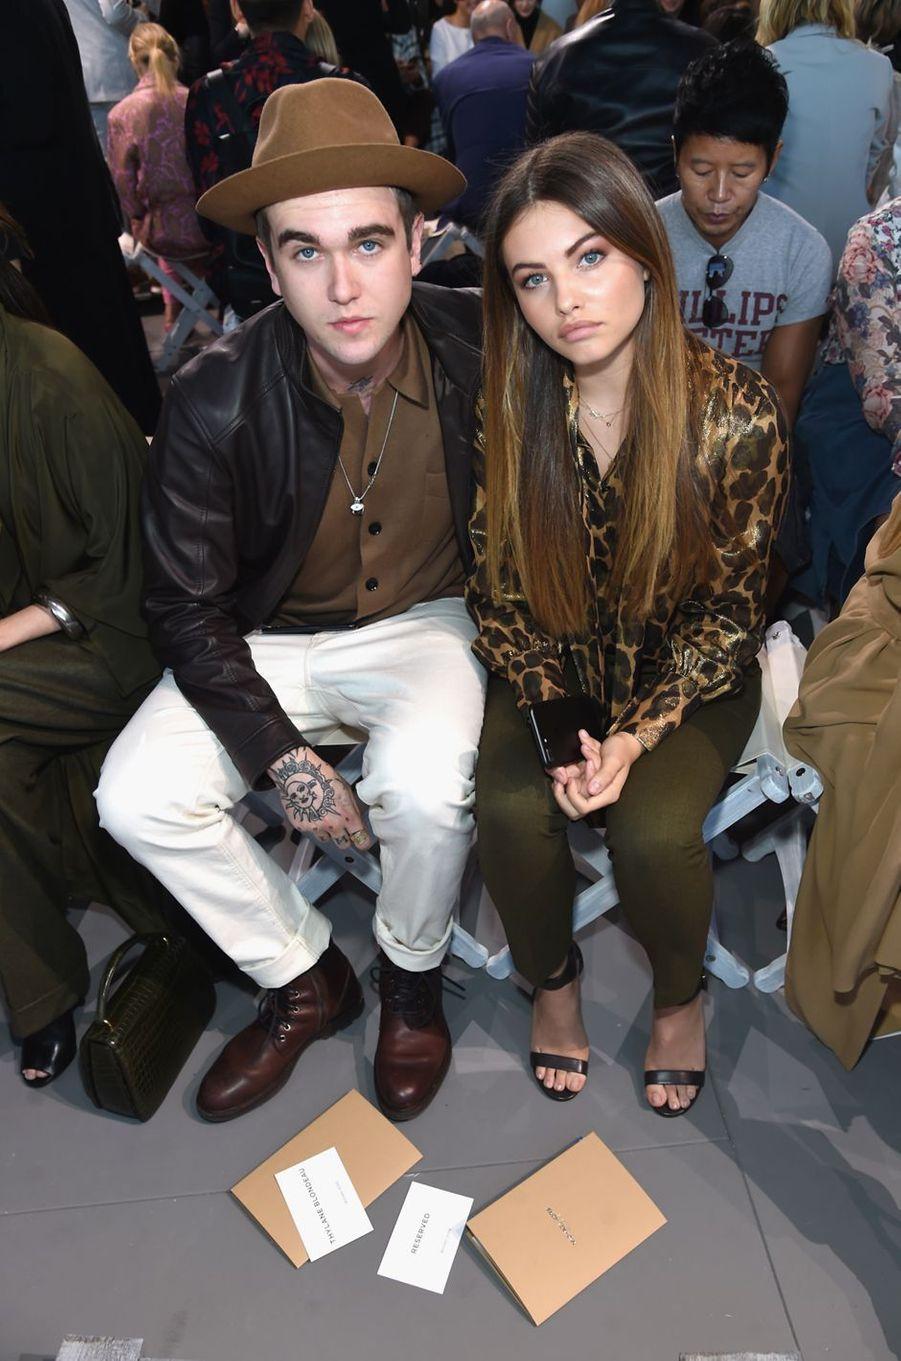 Gabriel-Kane Day-Lewis et Thylane Blondeau au défilé Michael Kros à la Fashion Week de New York, le 13 septembre 2017.